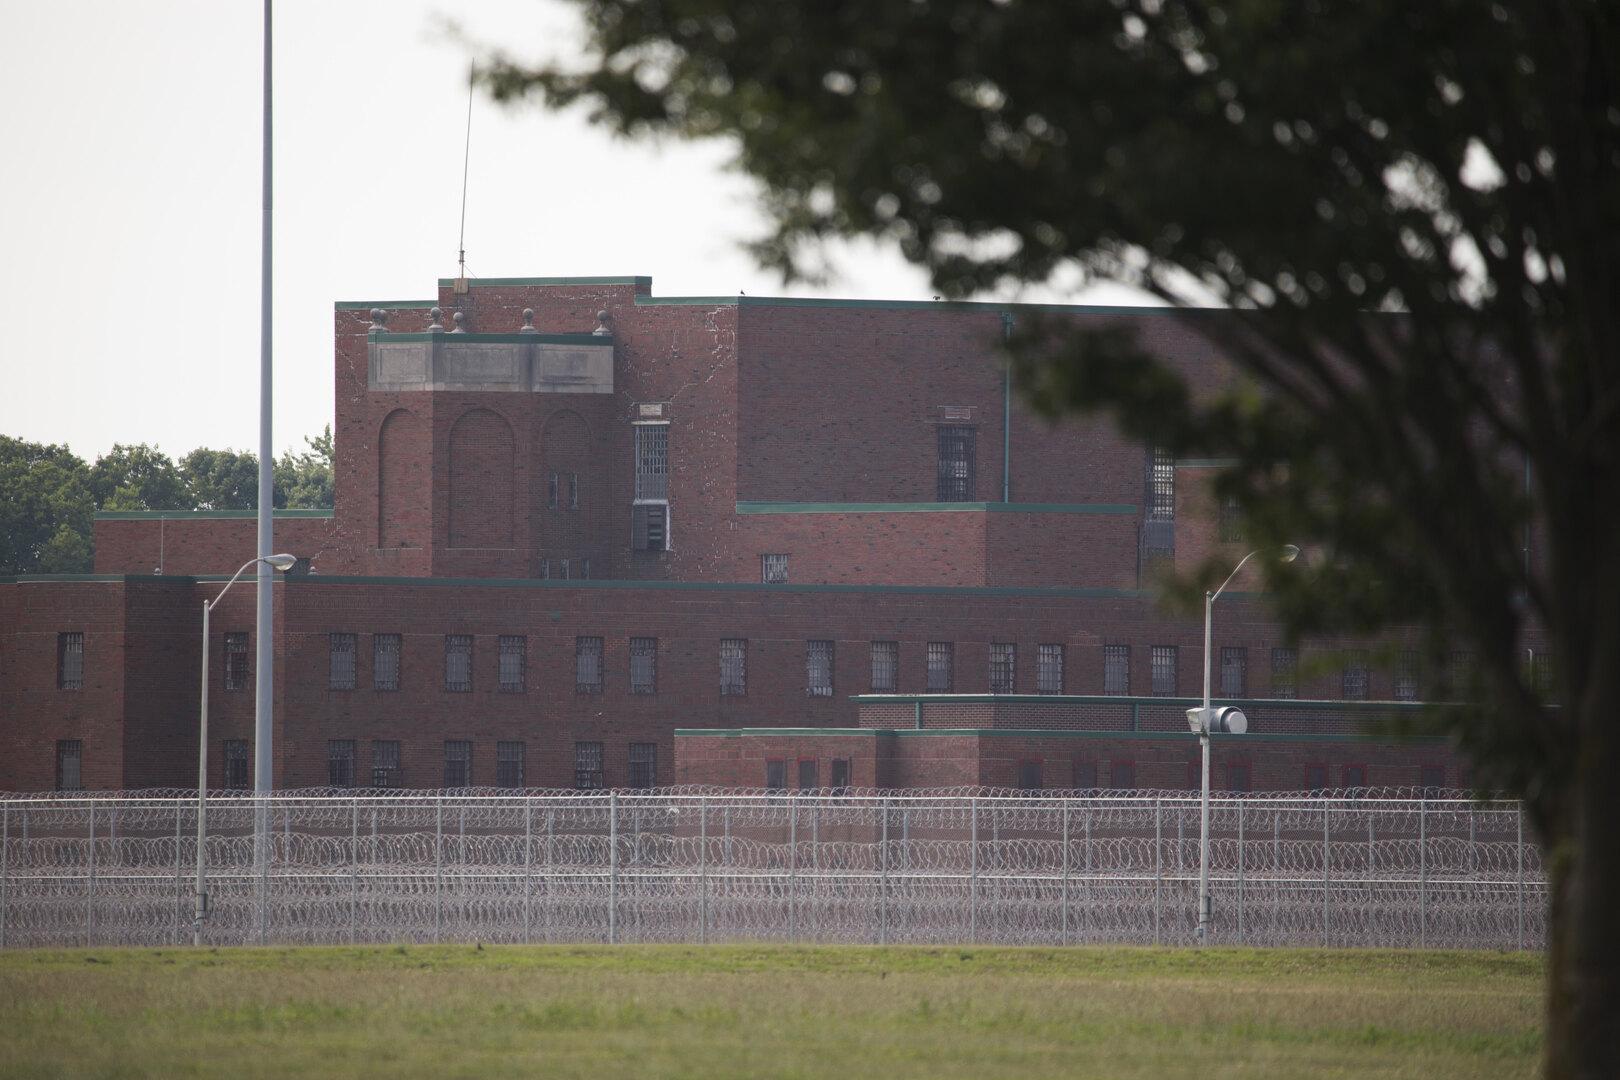 السلطات الفيدرالية الأمريكية تنفذ ثالث حكم إعدام خلال أسبوع